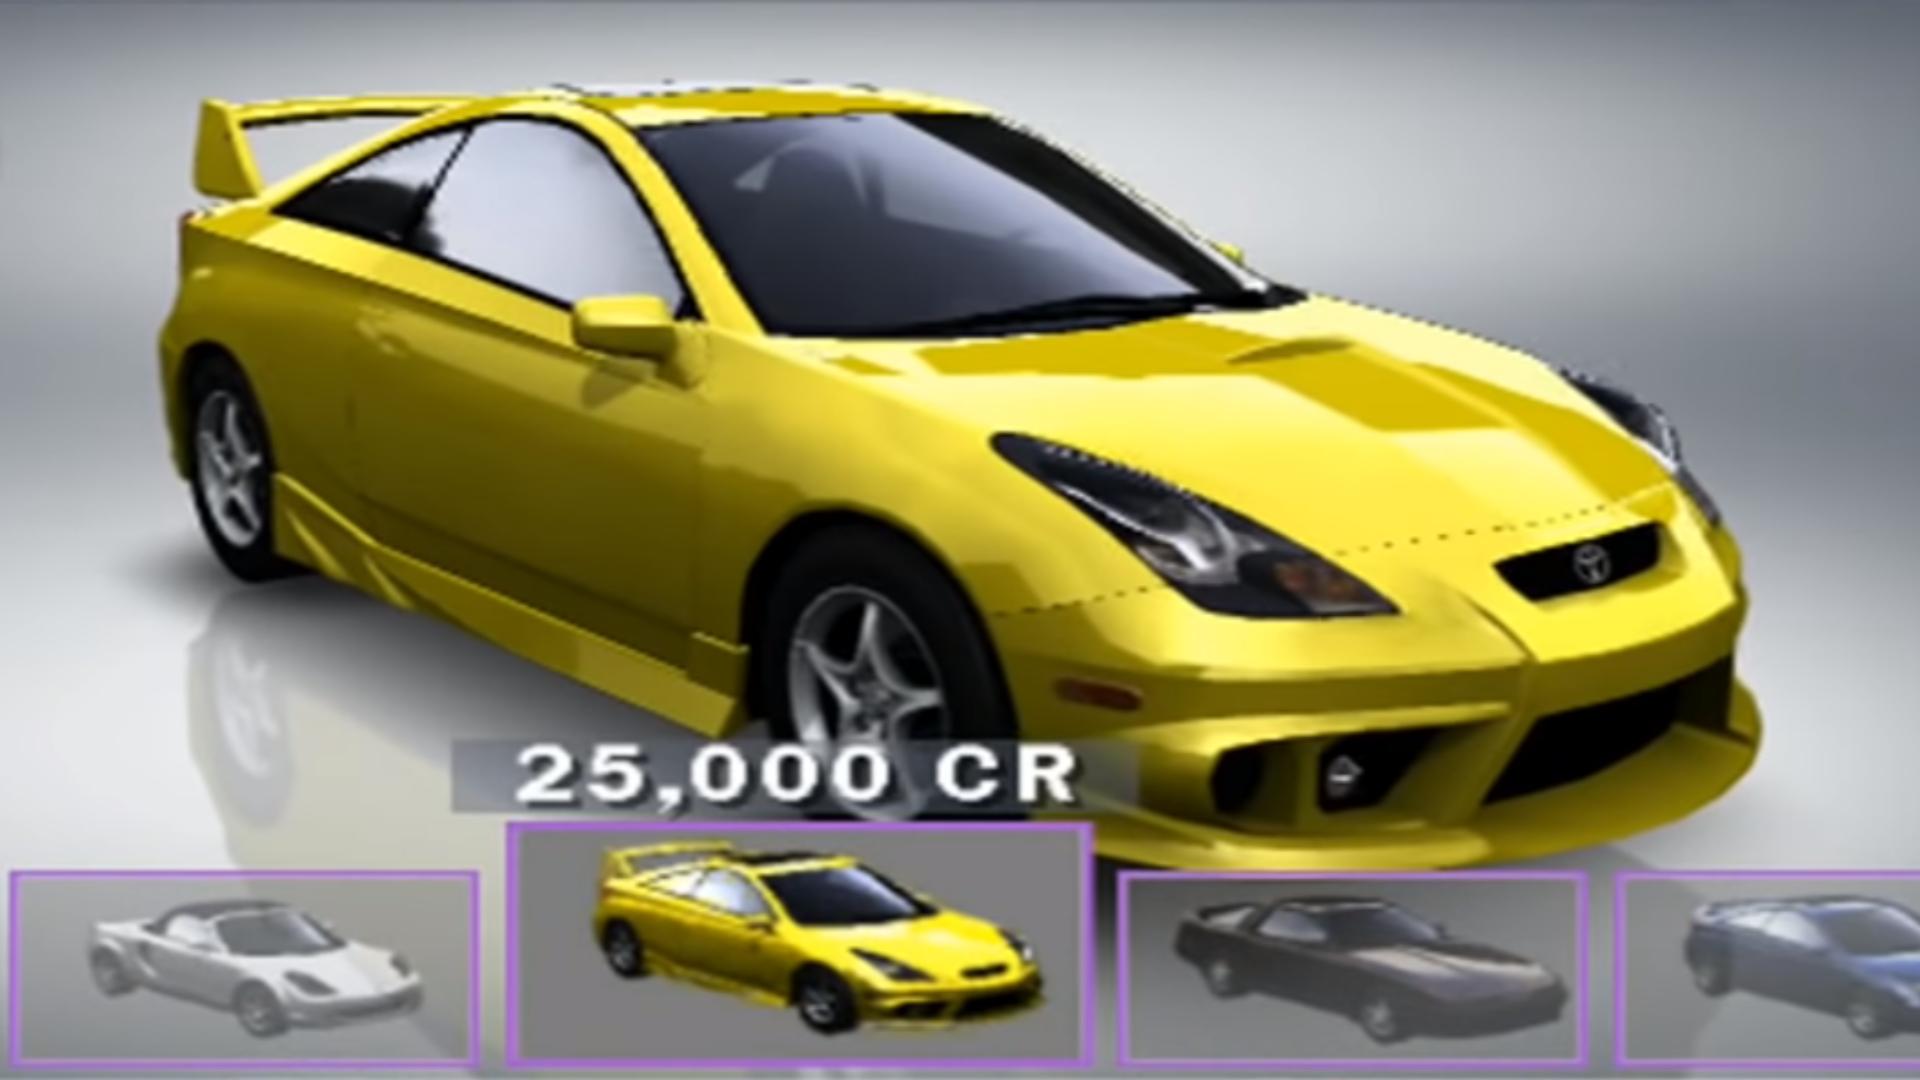 Toyota Celica 1800 VVT-i